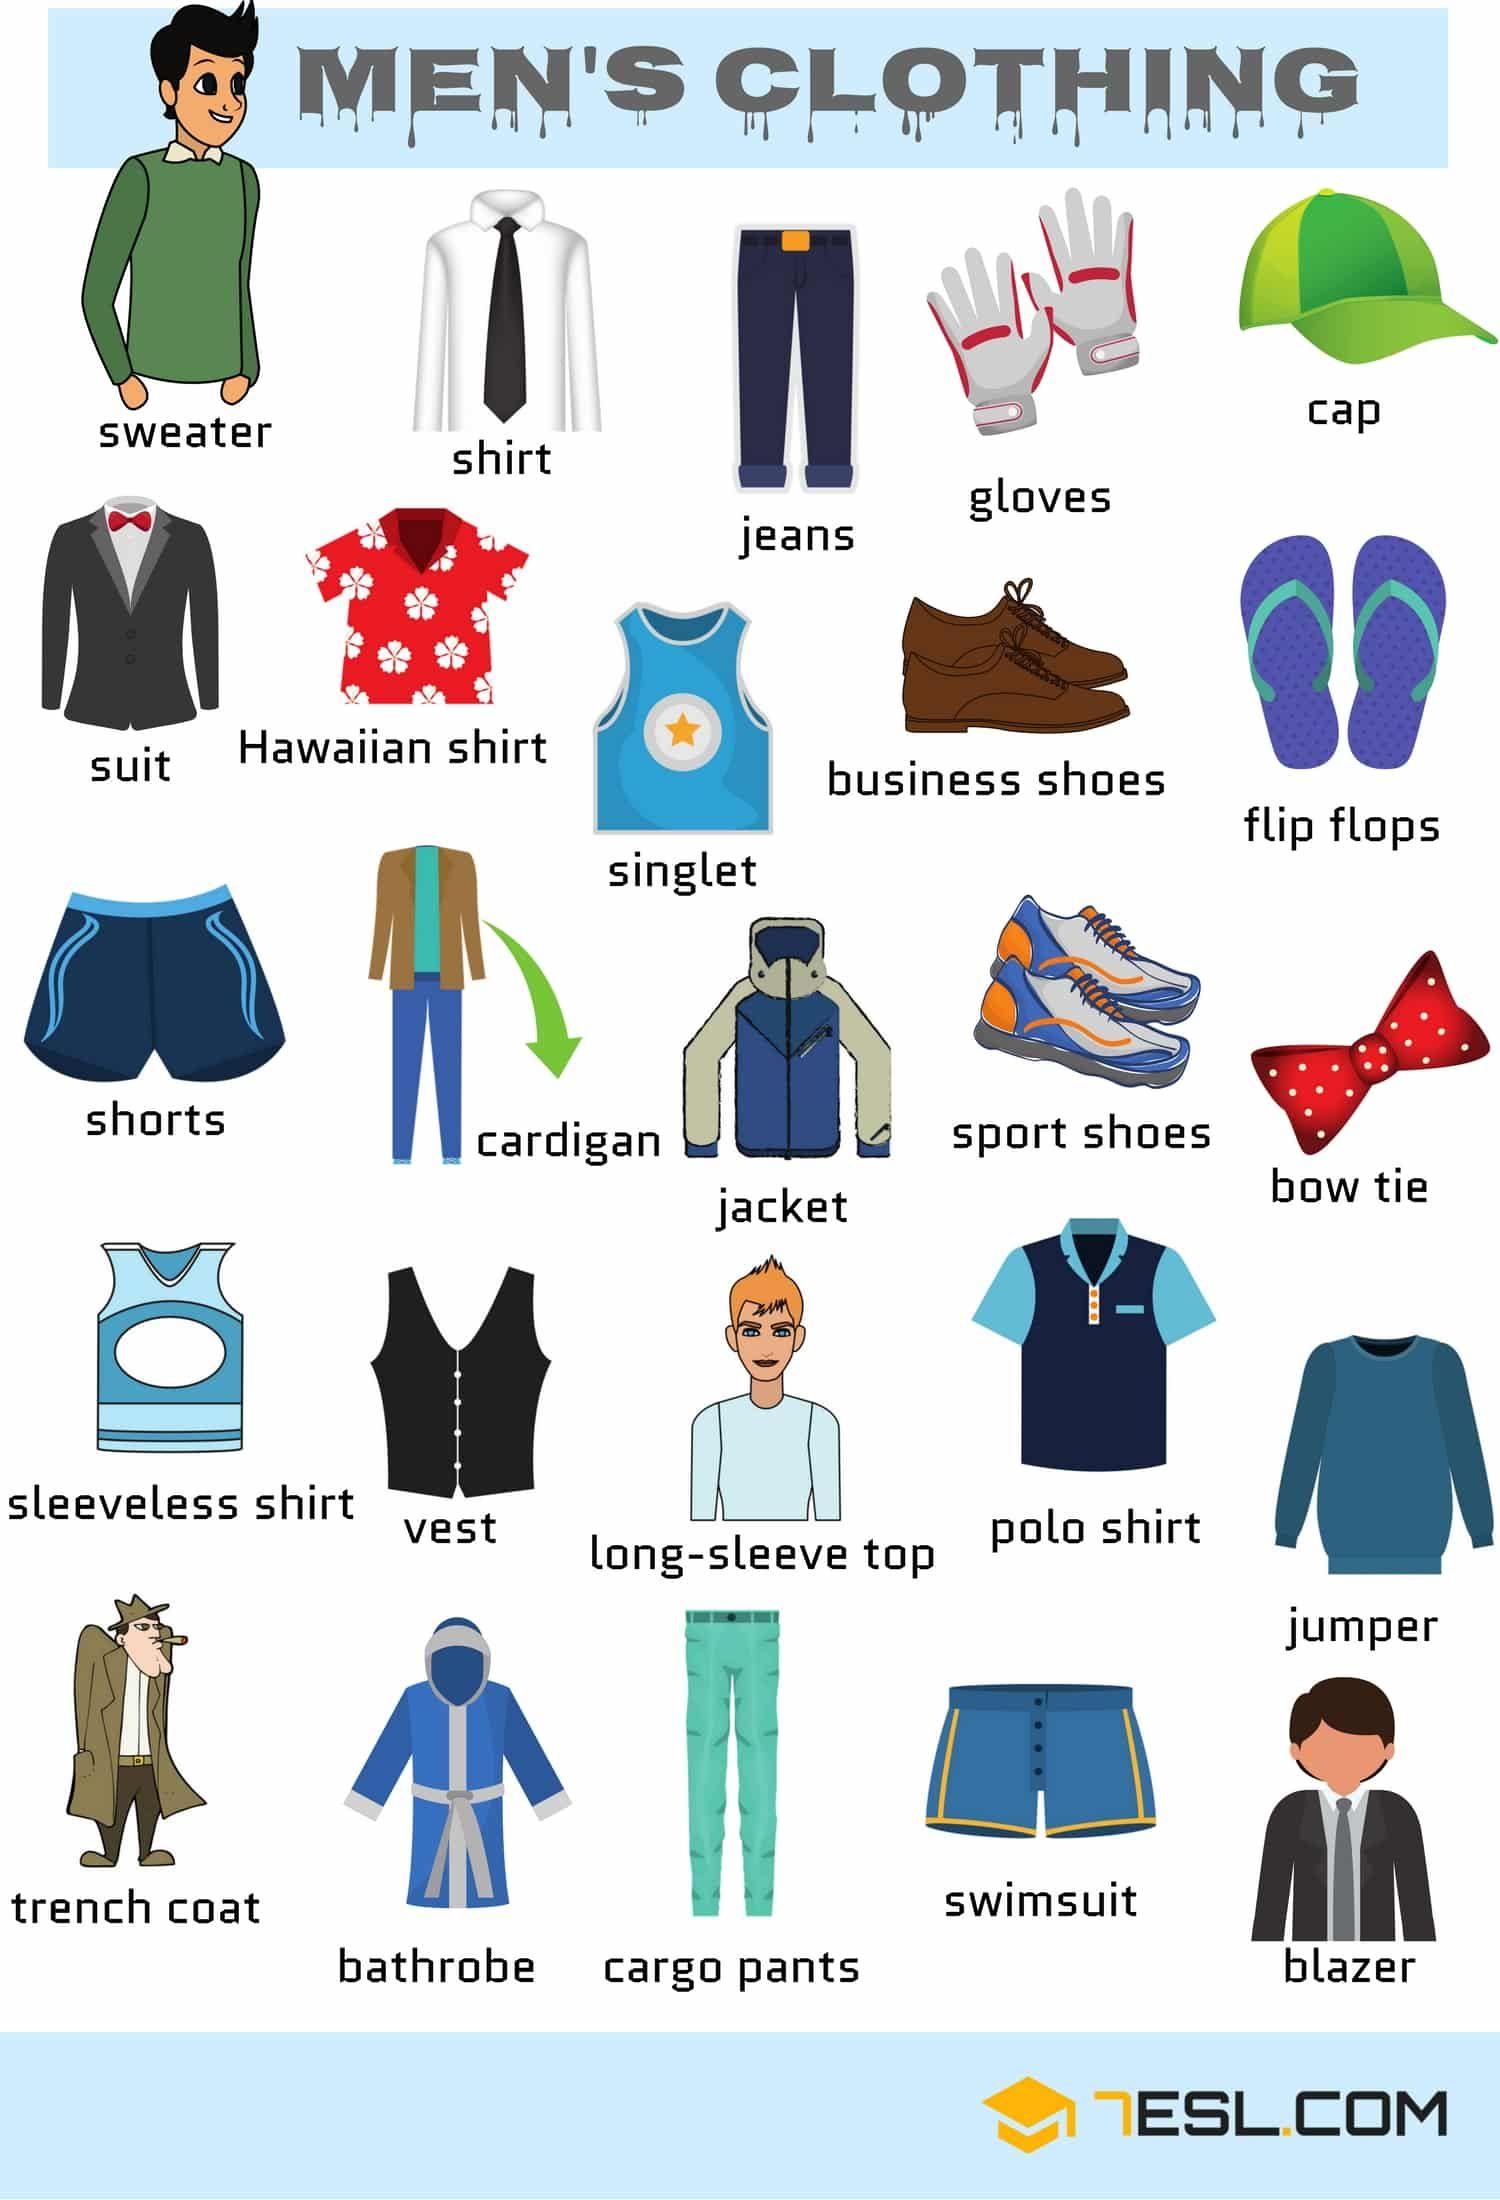 Mens clothes & accessories | Shop mens